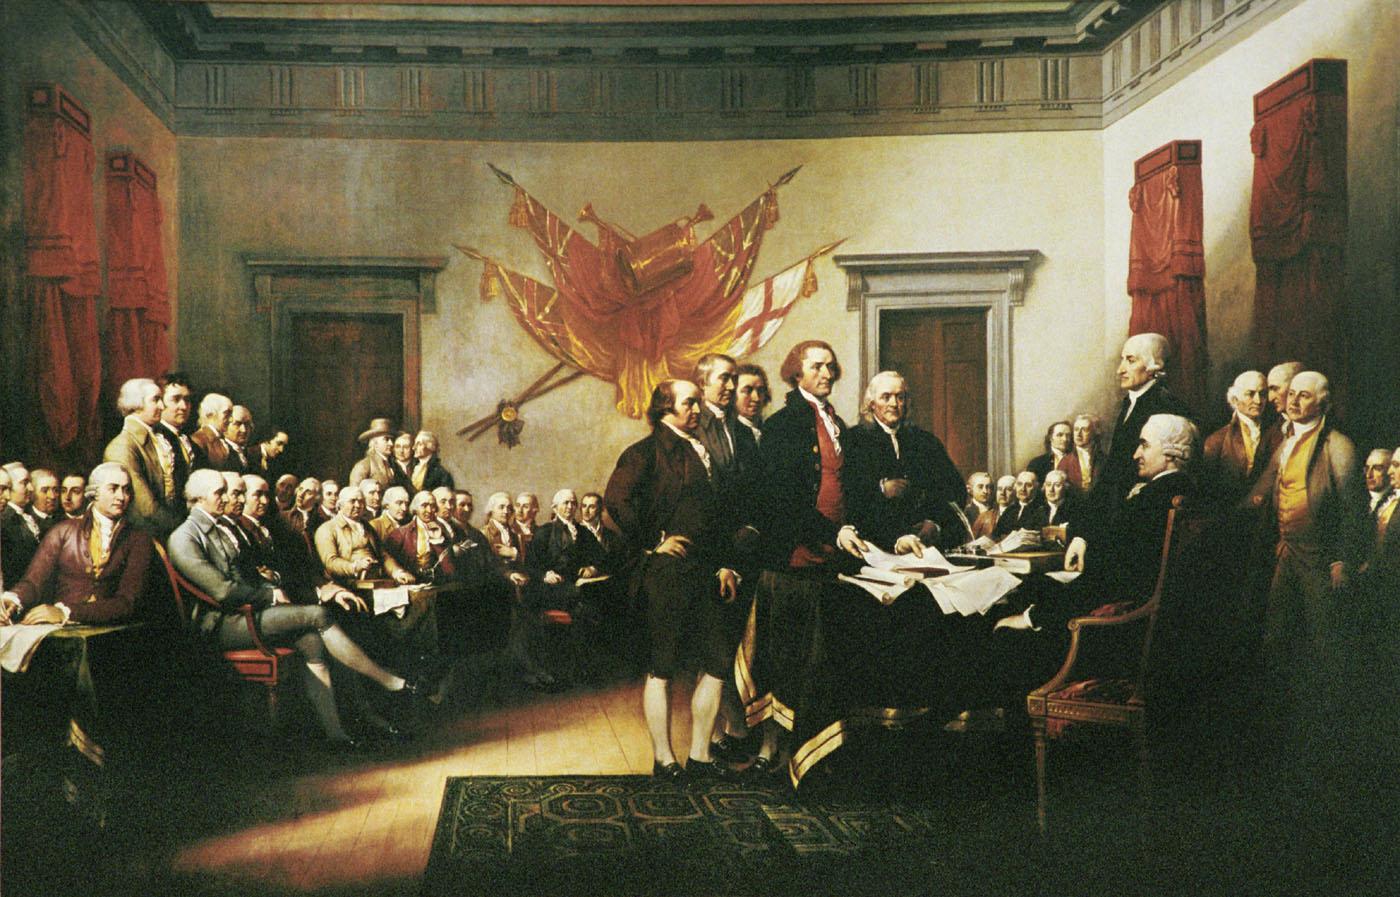 https://i0.wp.com/www.ushistory.org/declaration/images/trumbull-large1.jpg